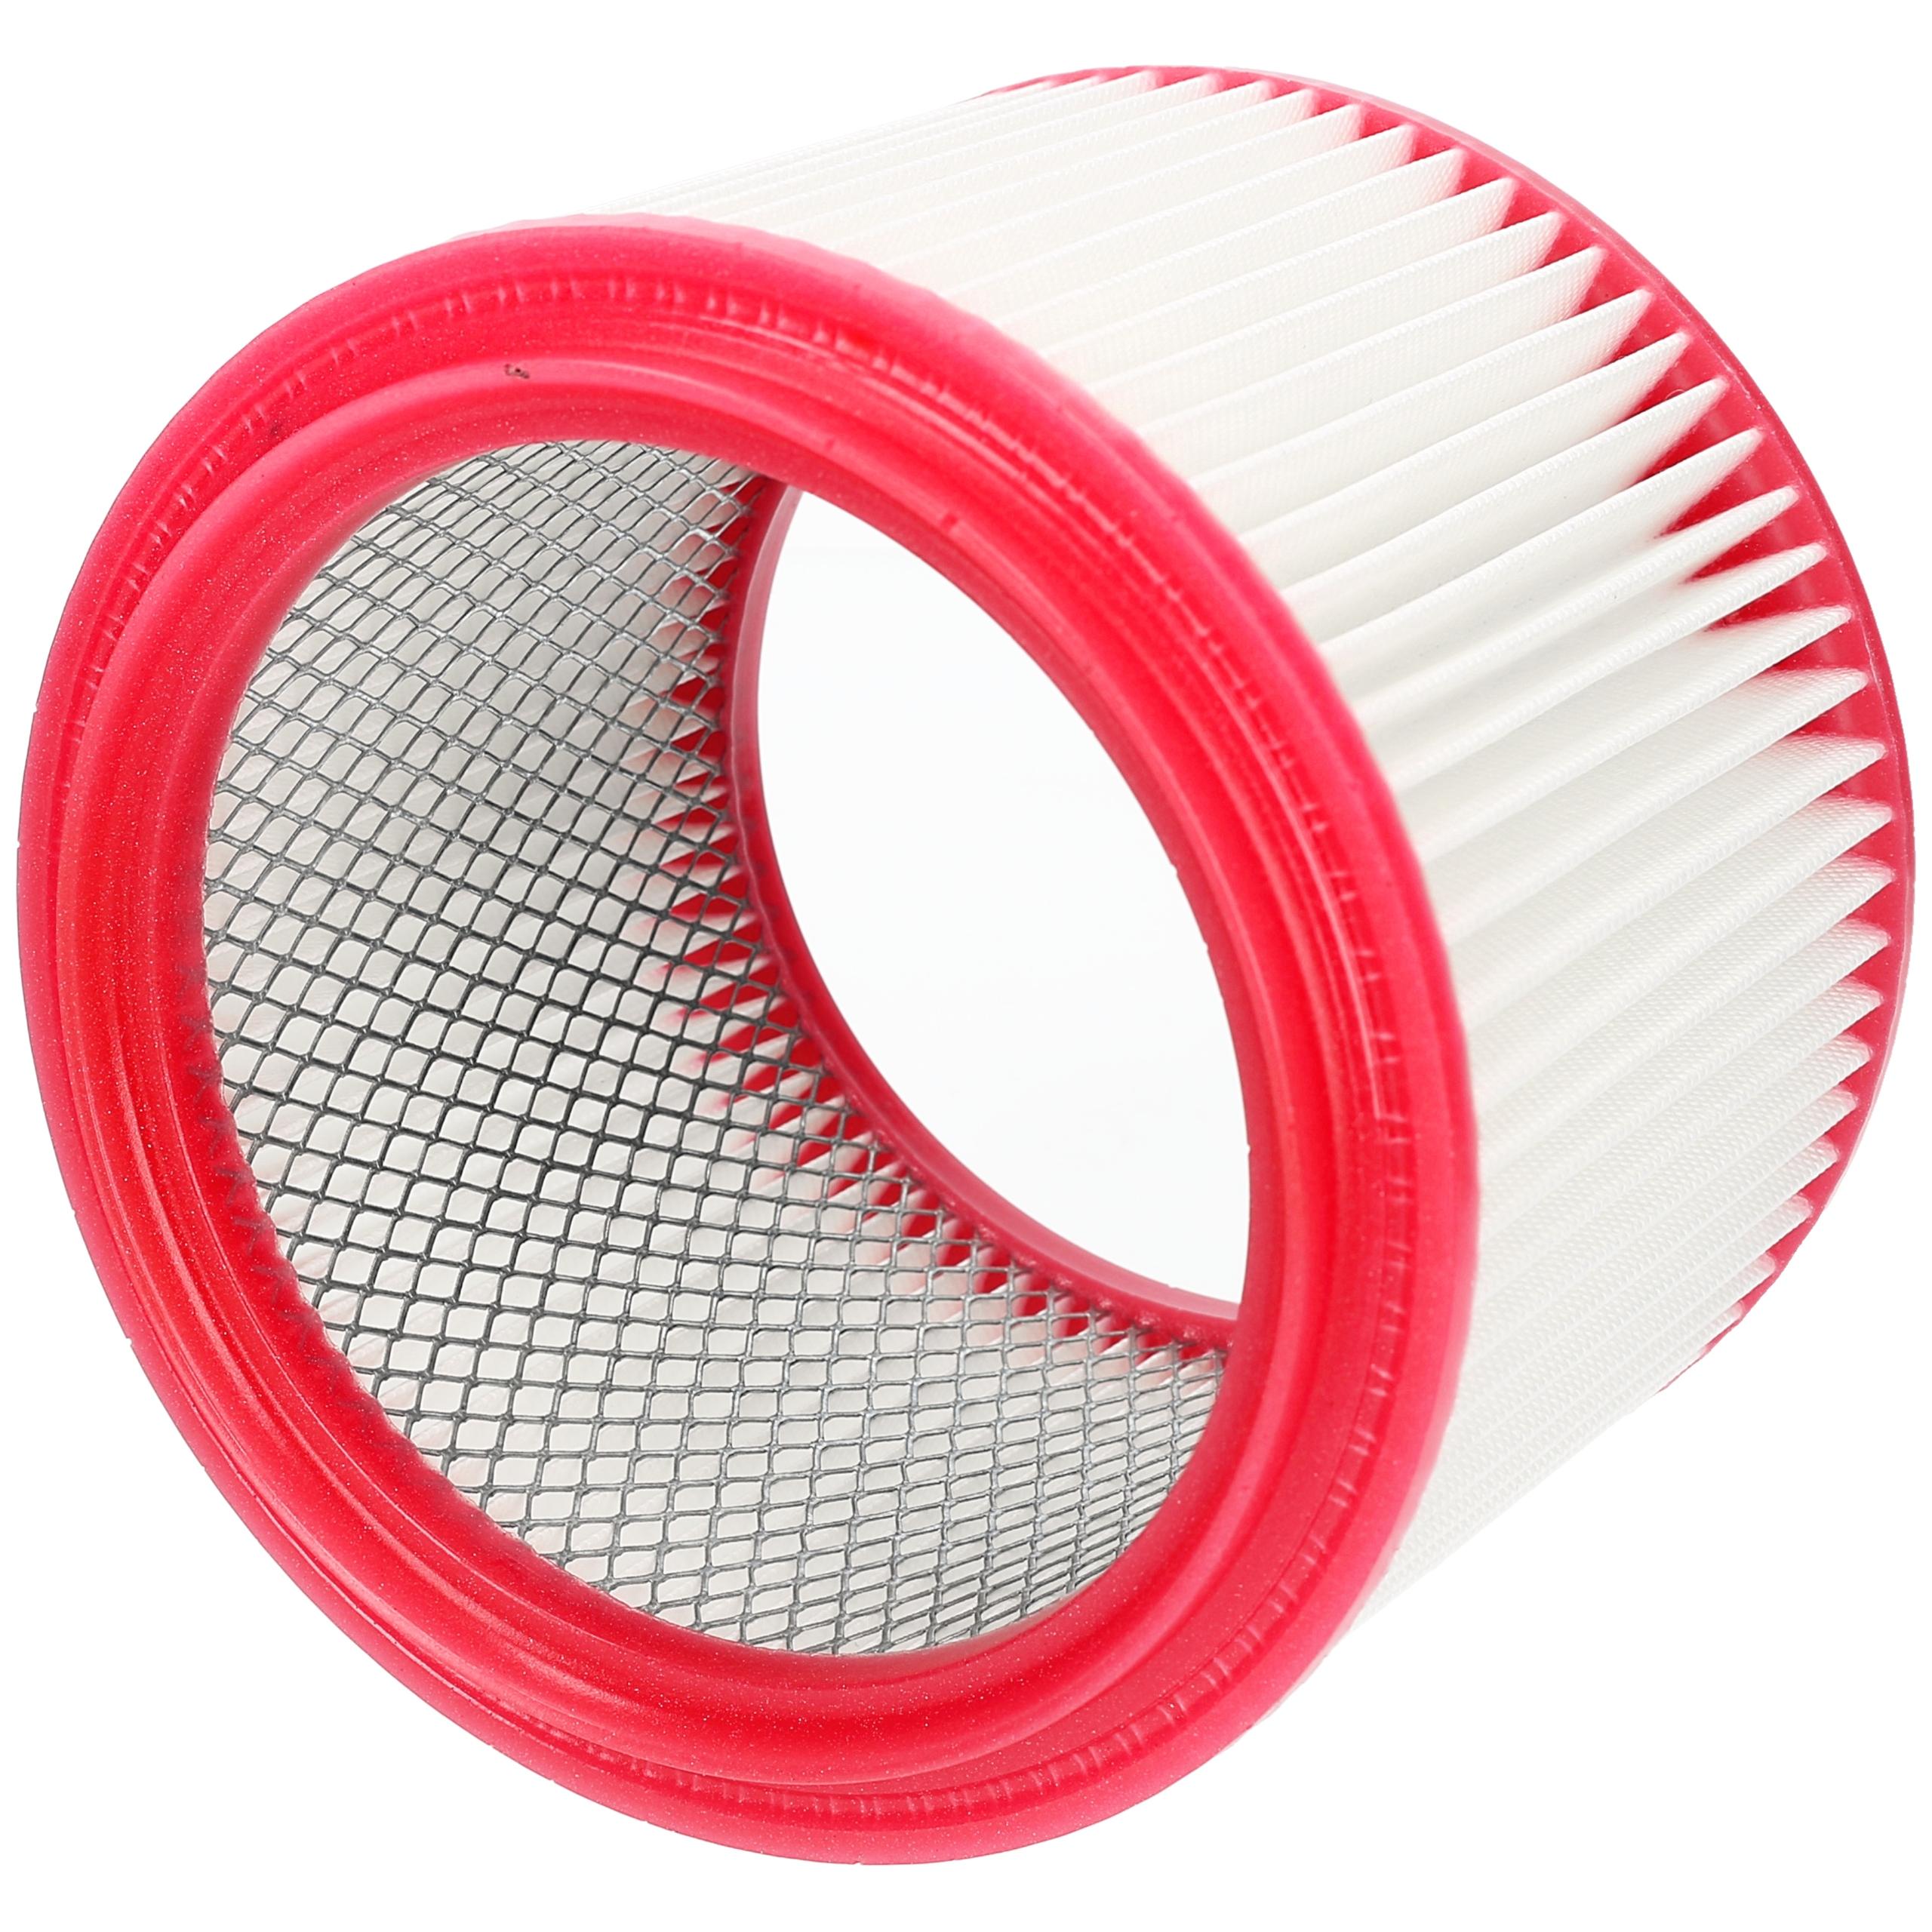 Vákuový filter pre MAKITA 440 (EPA)